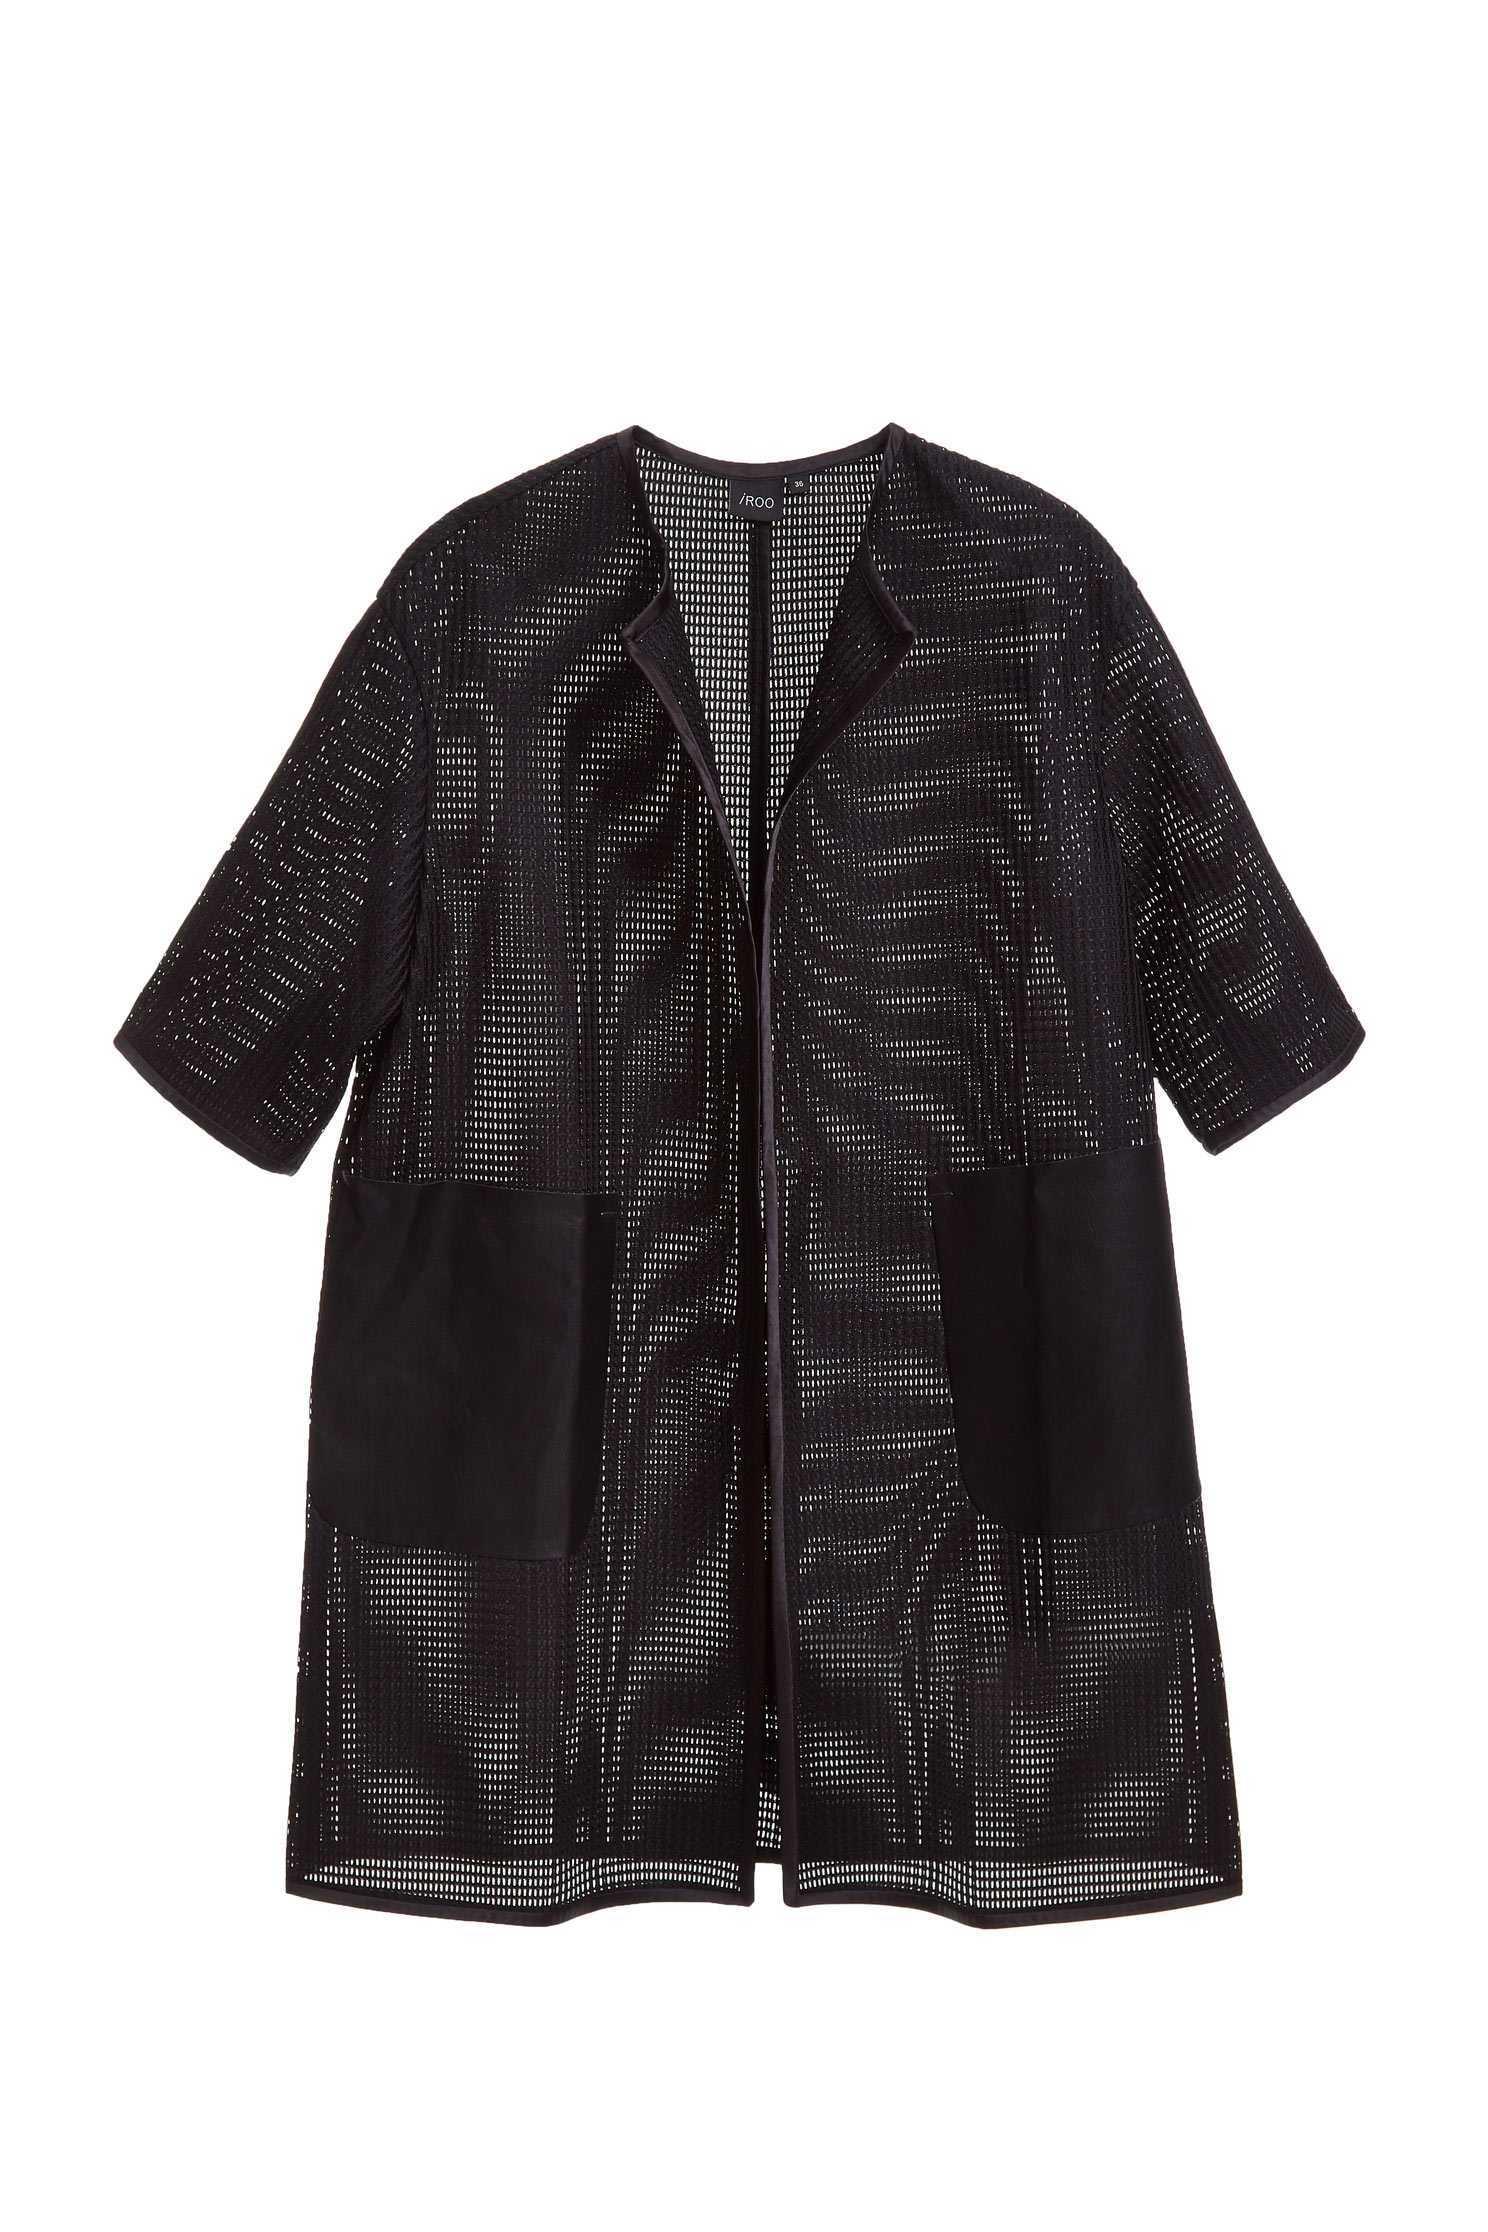 Elegant classic coat